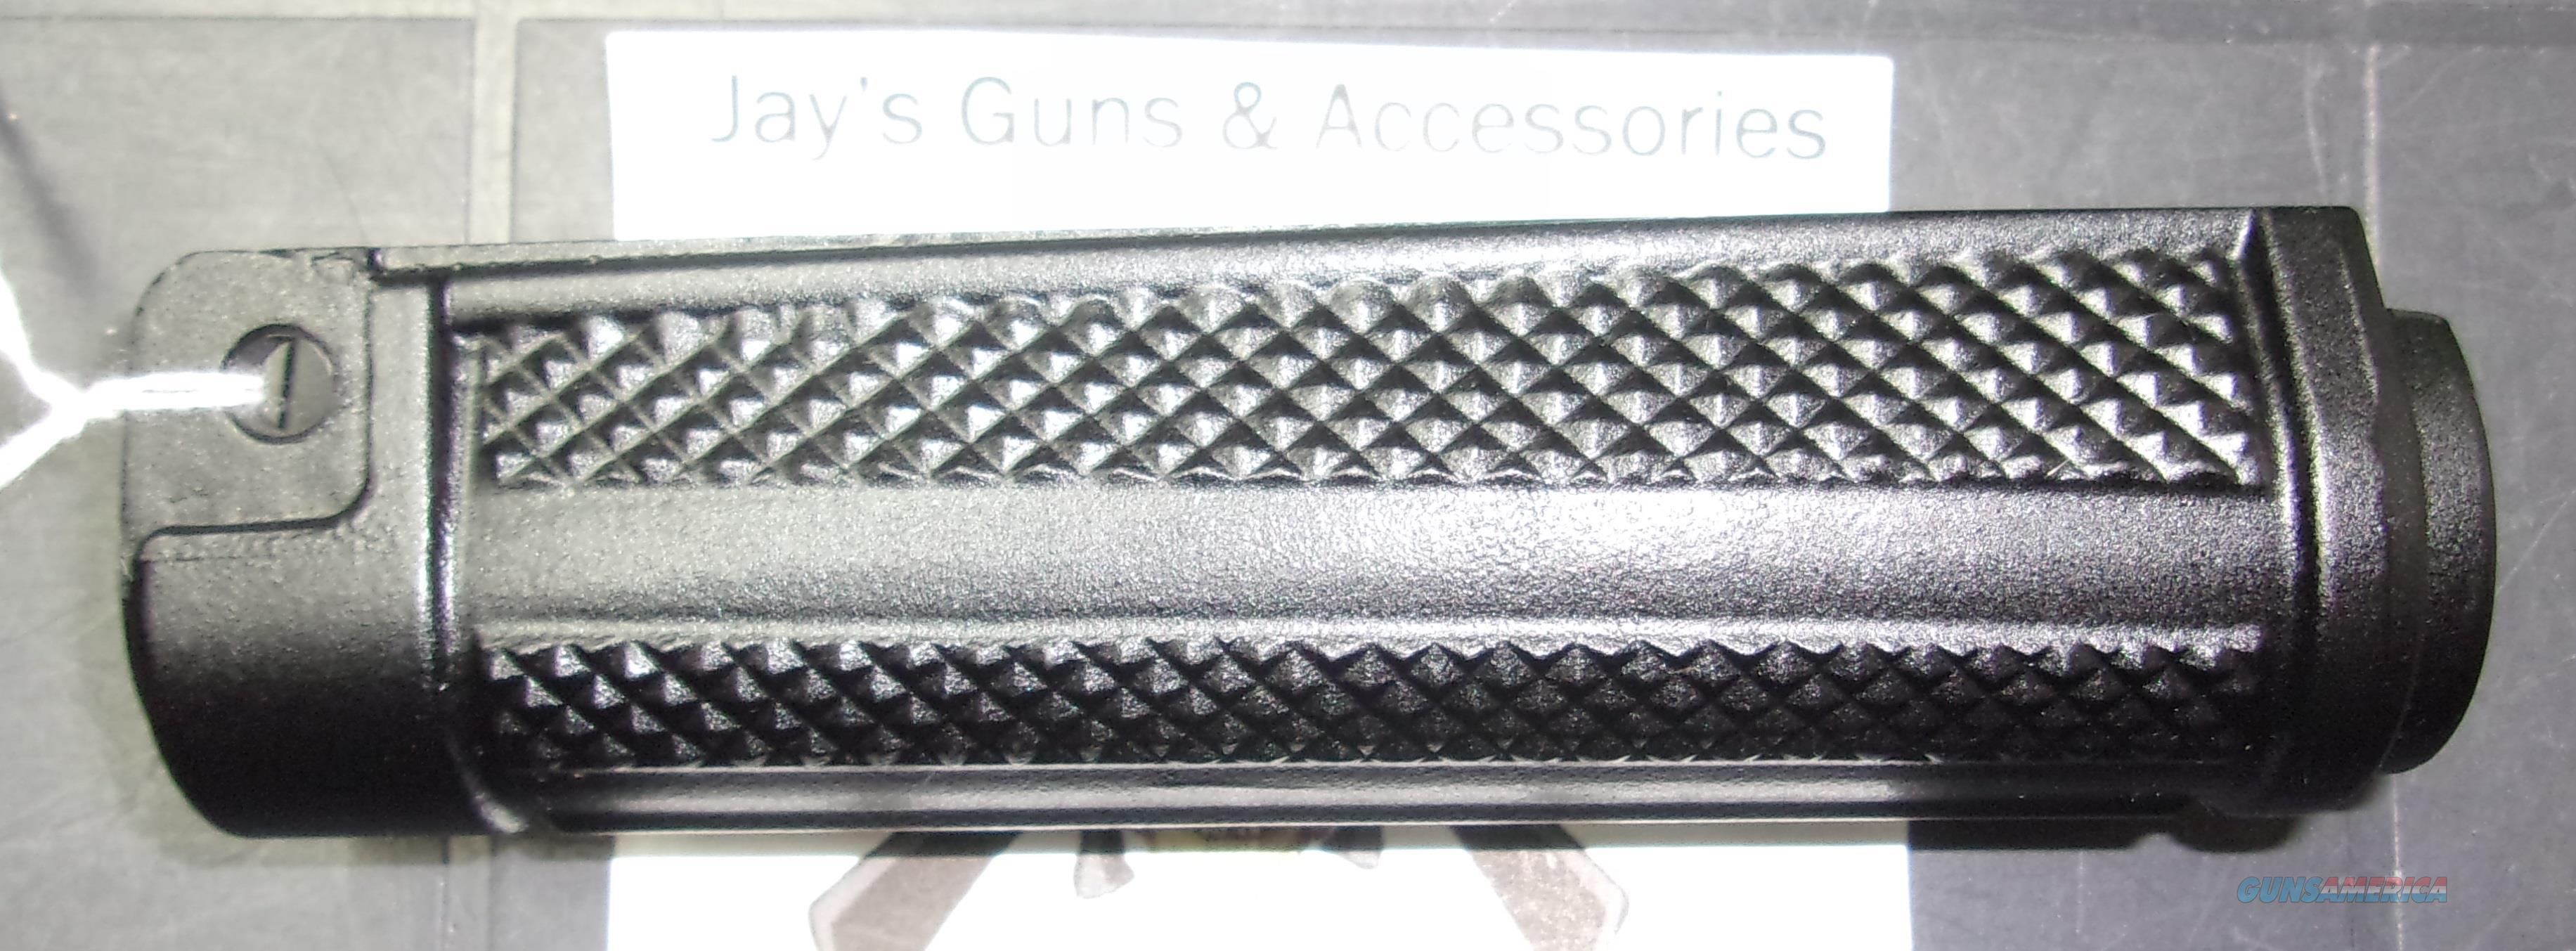 Handguard/Forearm - Fits MP5 & HK94 Varients  Non-Guns > Gun Parts > Rifle/Accuracy/Sniper